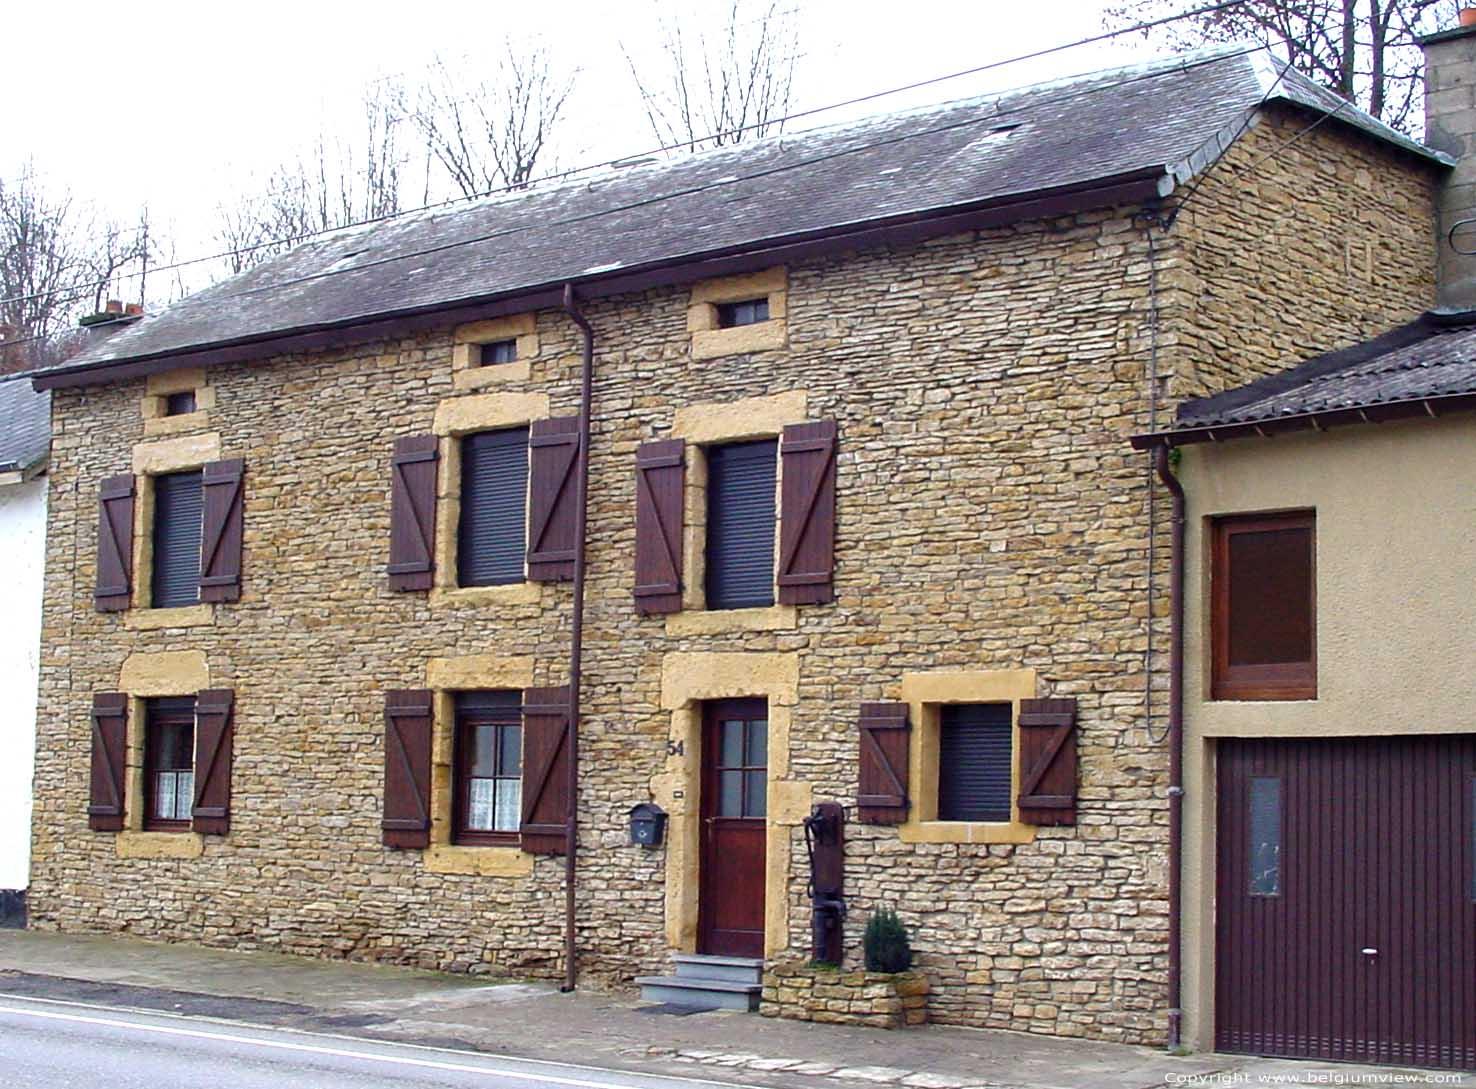 Typisch huis van de streek meix devant virton photo - Huis van de cabriolet ...